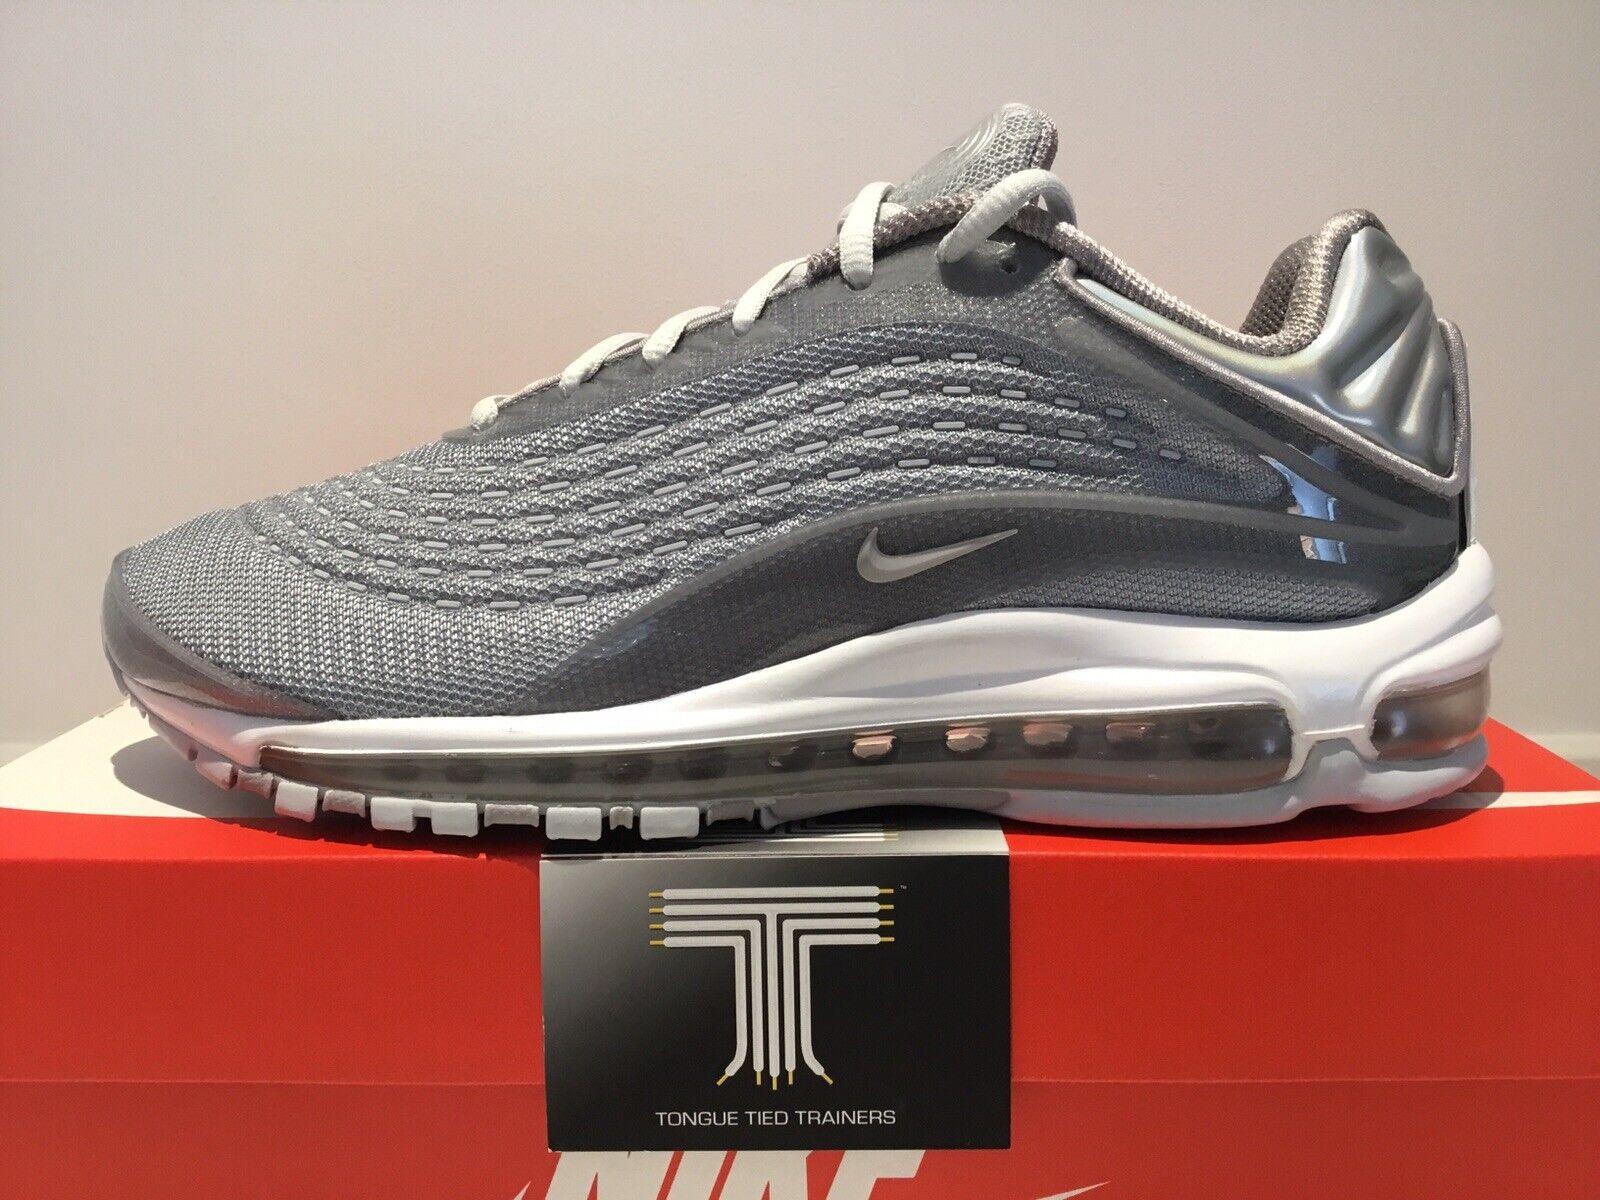 Nike Air Max Deluxe  Wolf grau  AV7024 001  Uk Größe 8